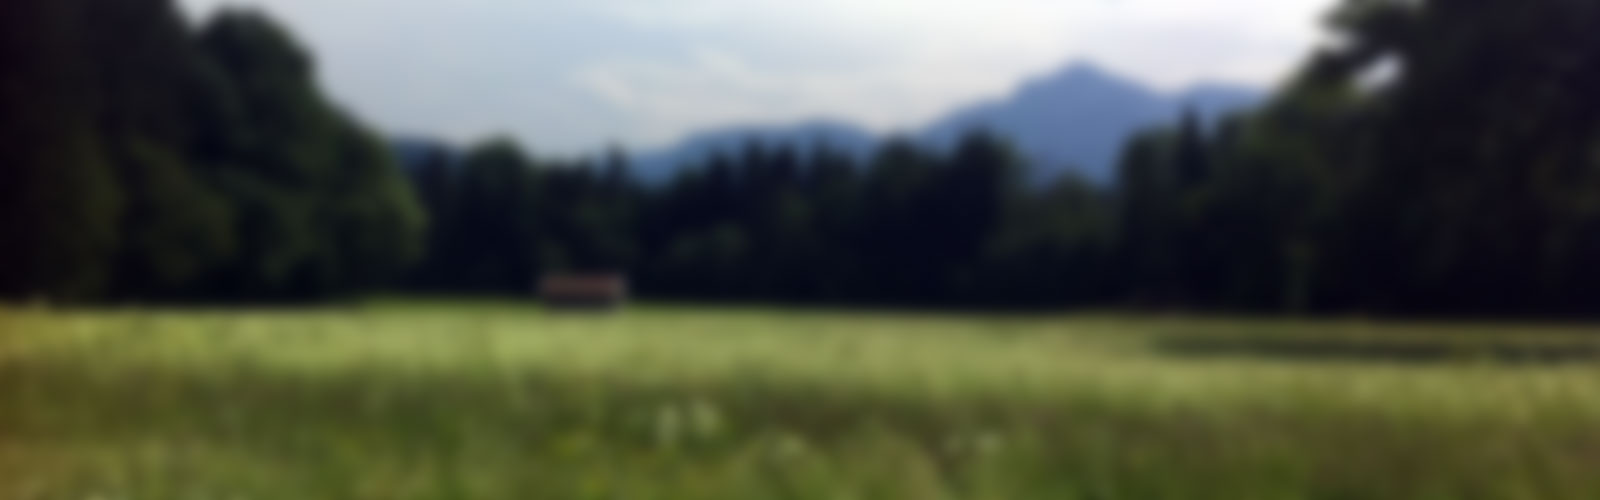 Villach-Chieming: un appuntamento al buio.